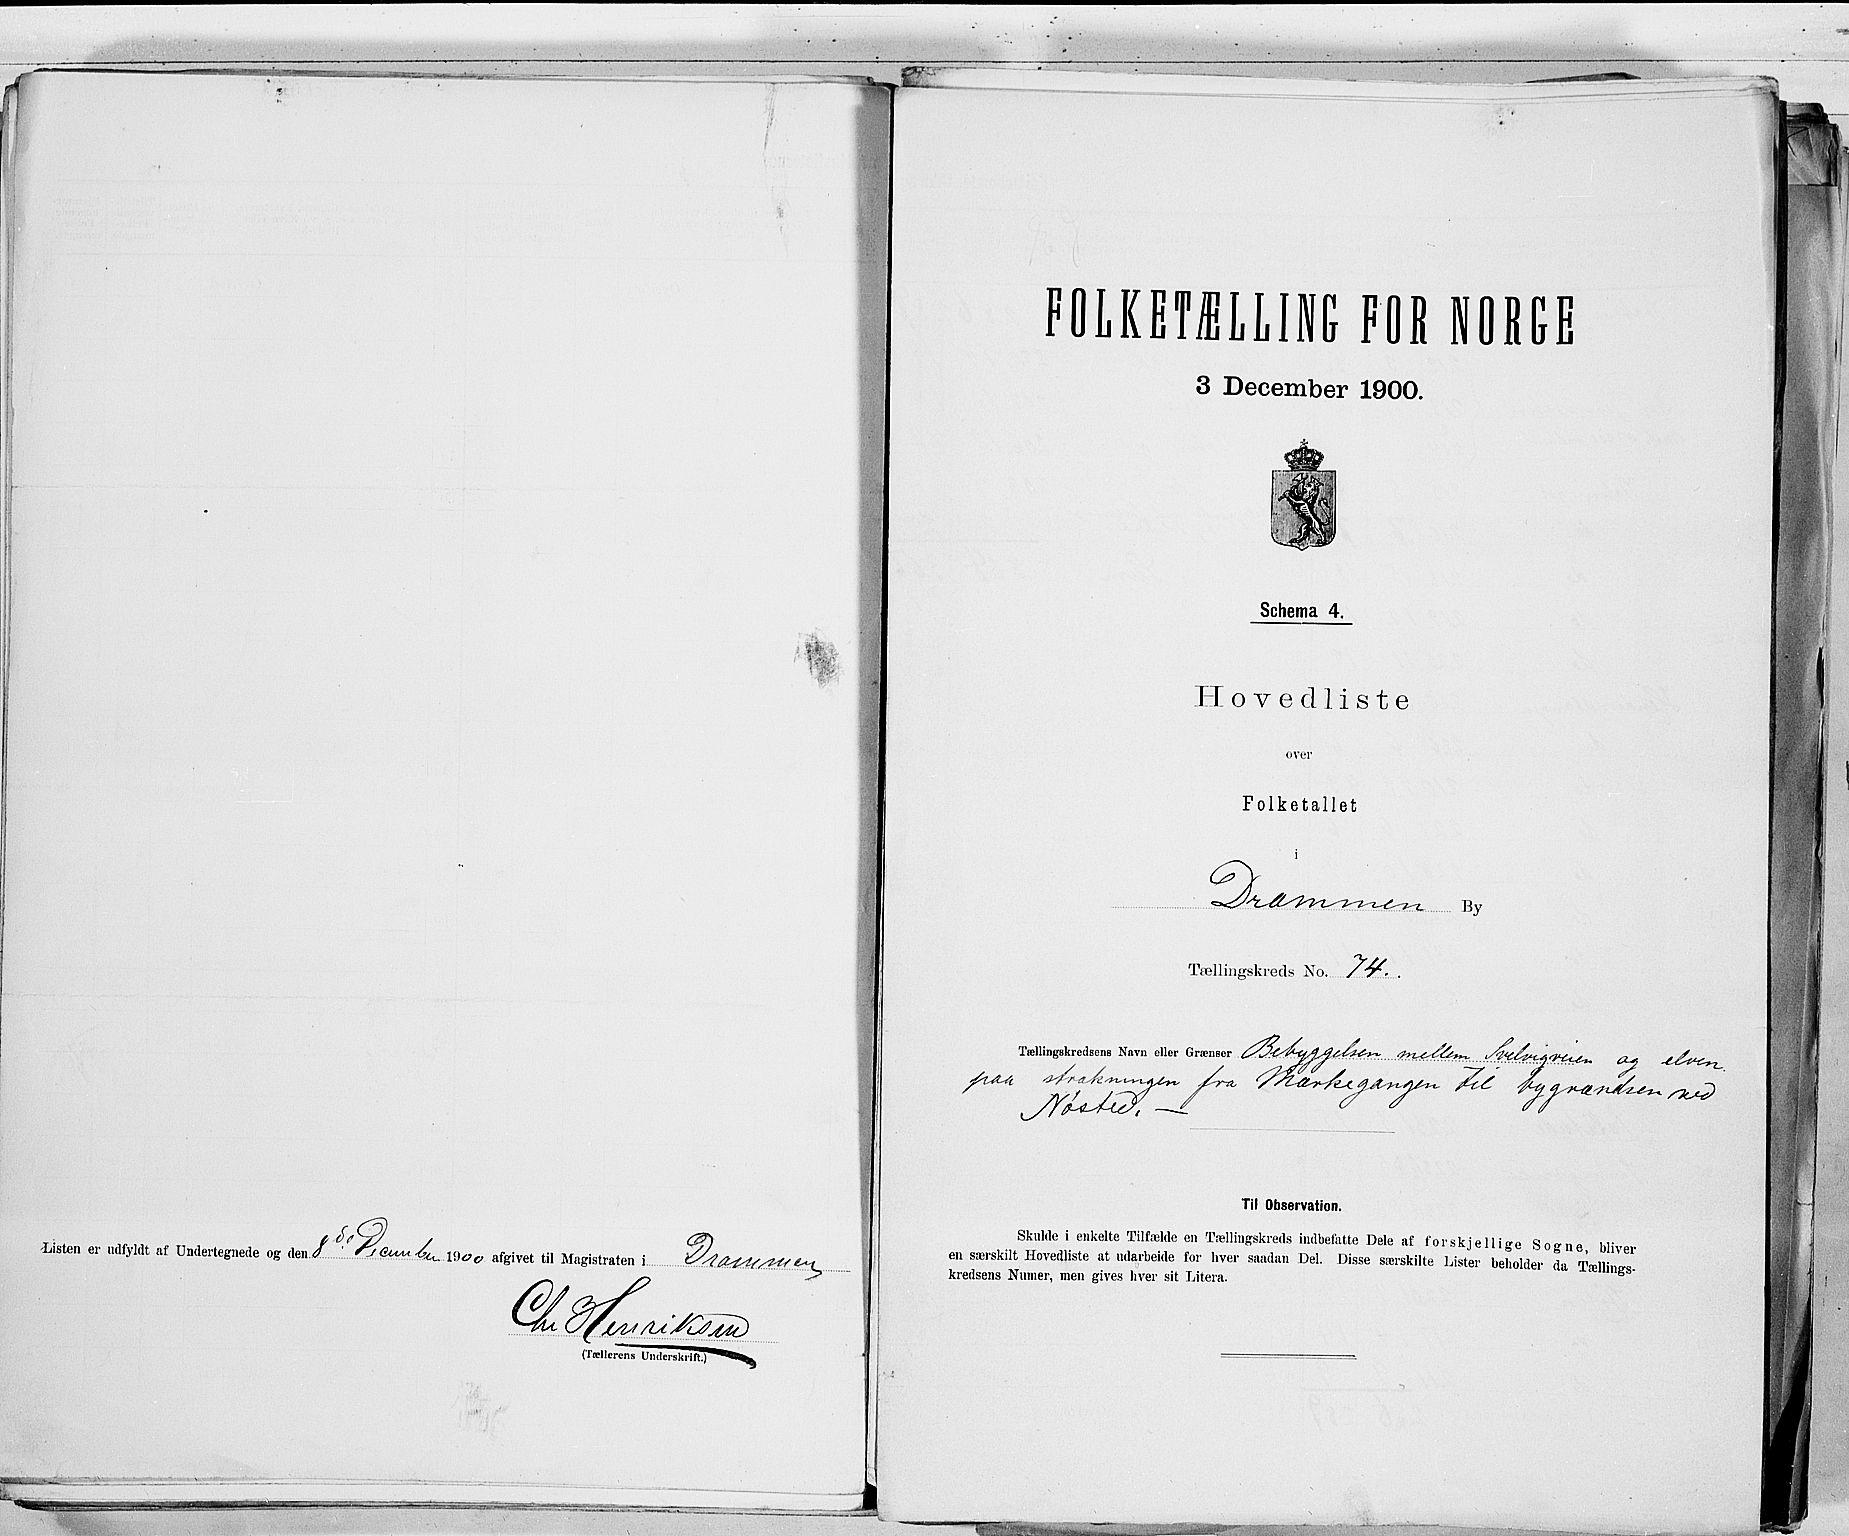 RA, Folketelling 1900 for 0602 Drammen kjøpstad, 1900, s. 151